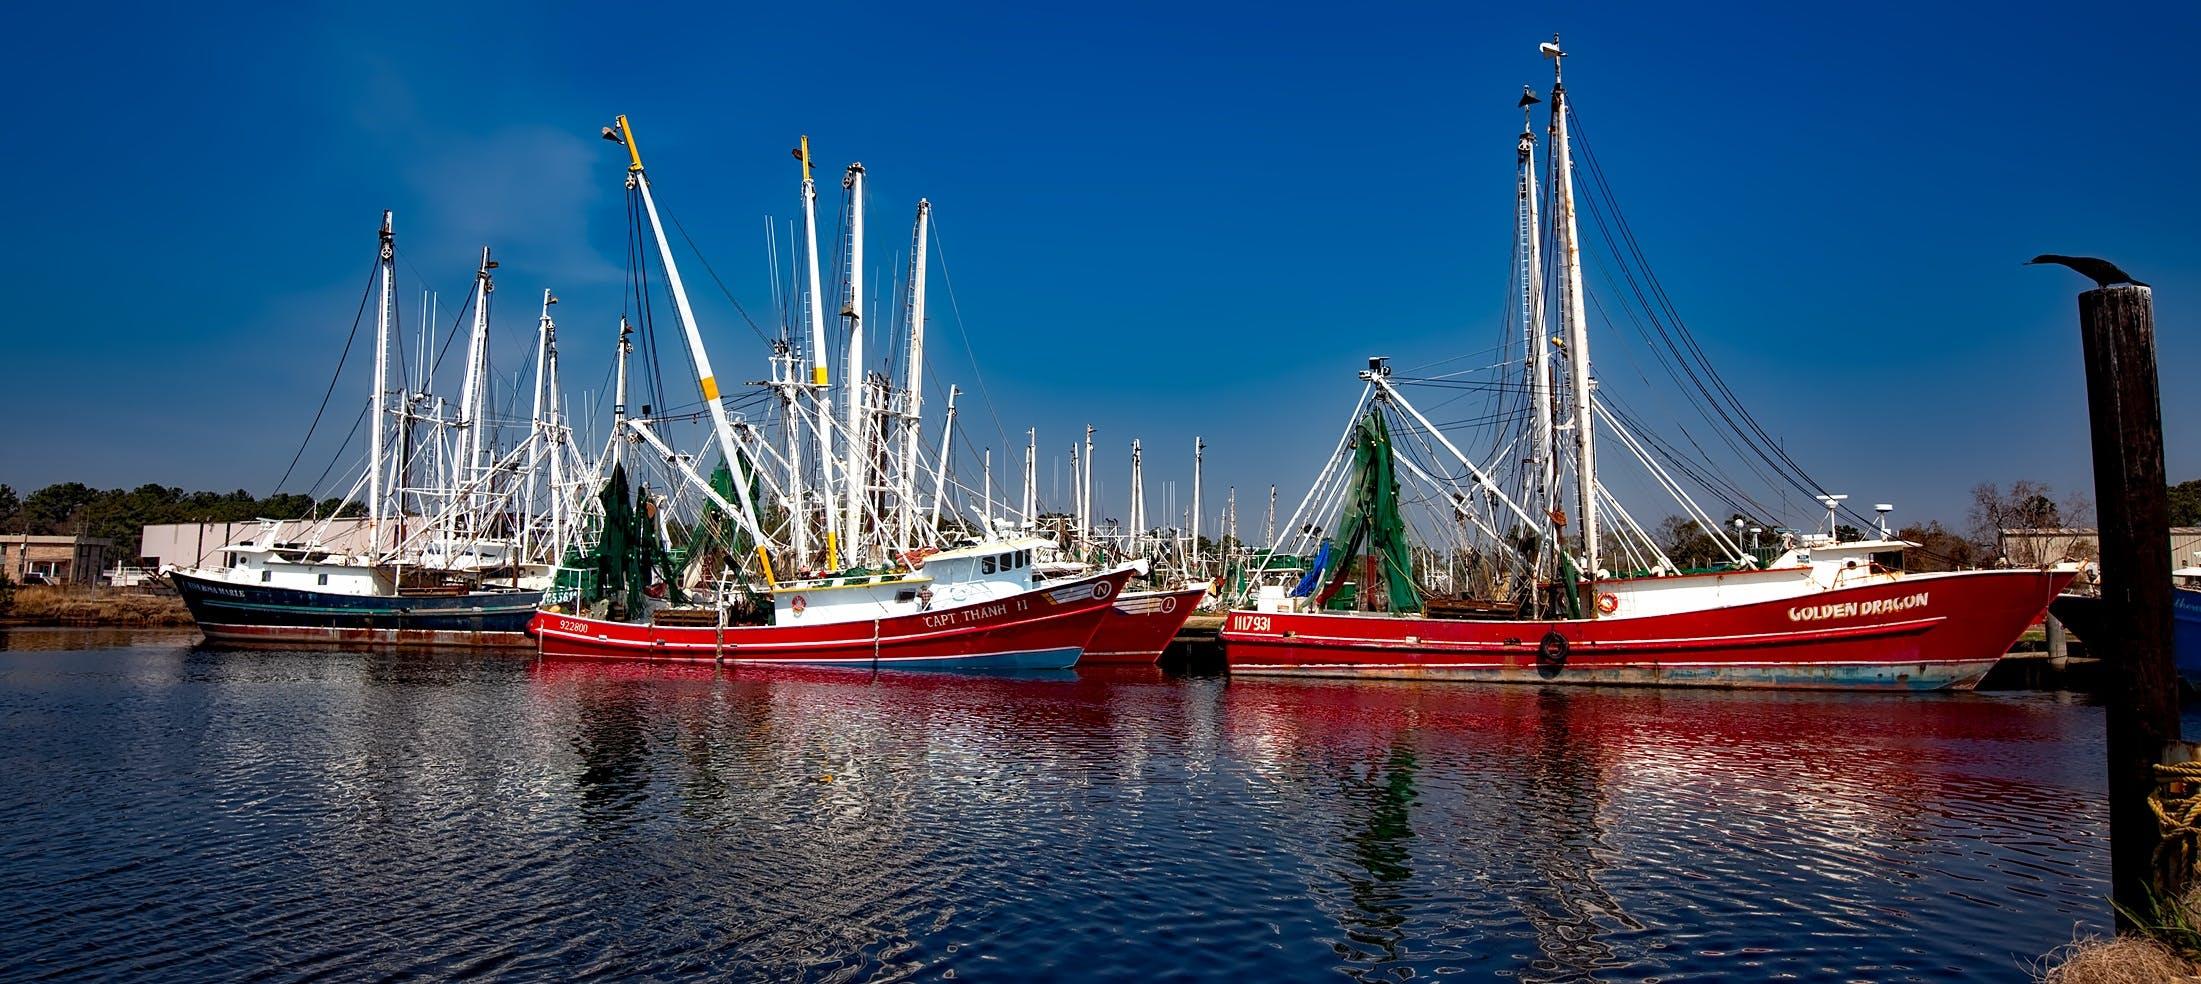 Free stock photo of bay, boats, industry, harbor